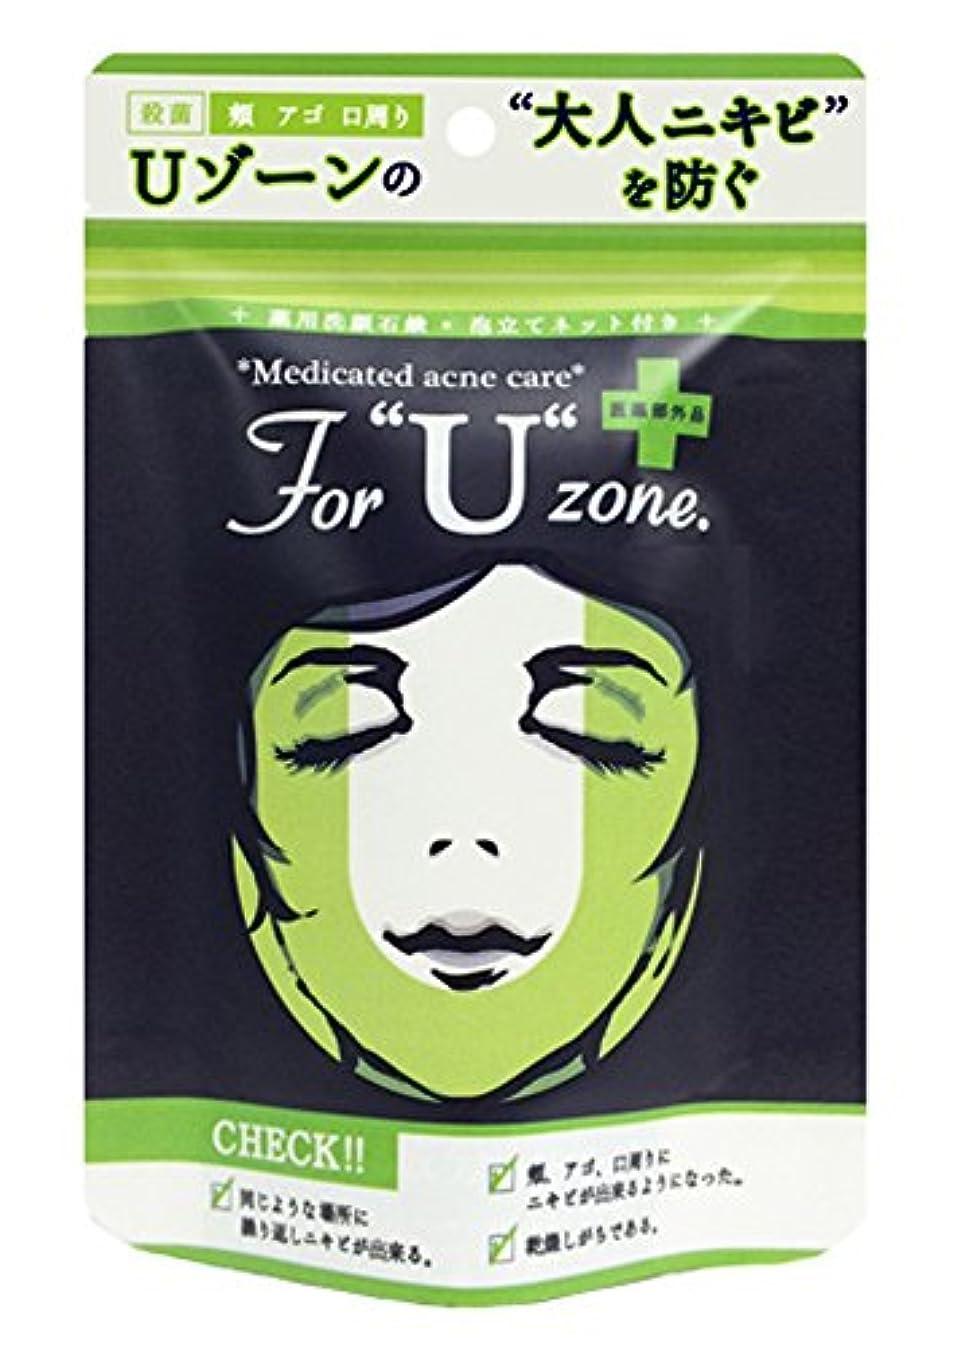 羊呼吸する接尾辞薬用石鹸 ForUzone 100g